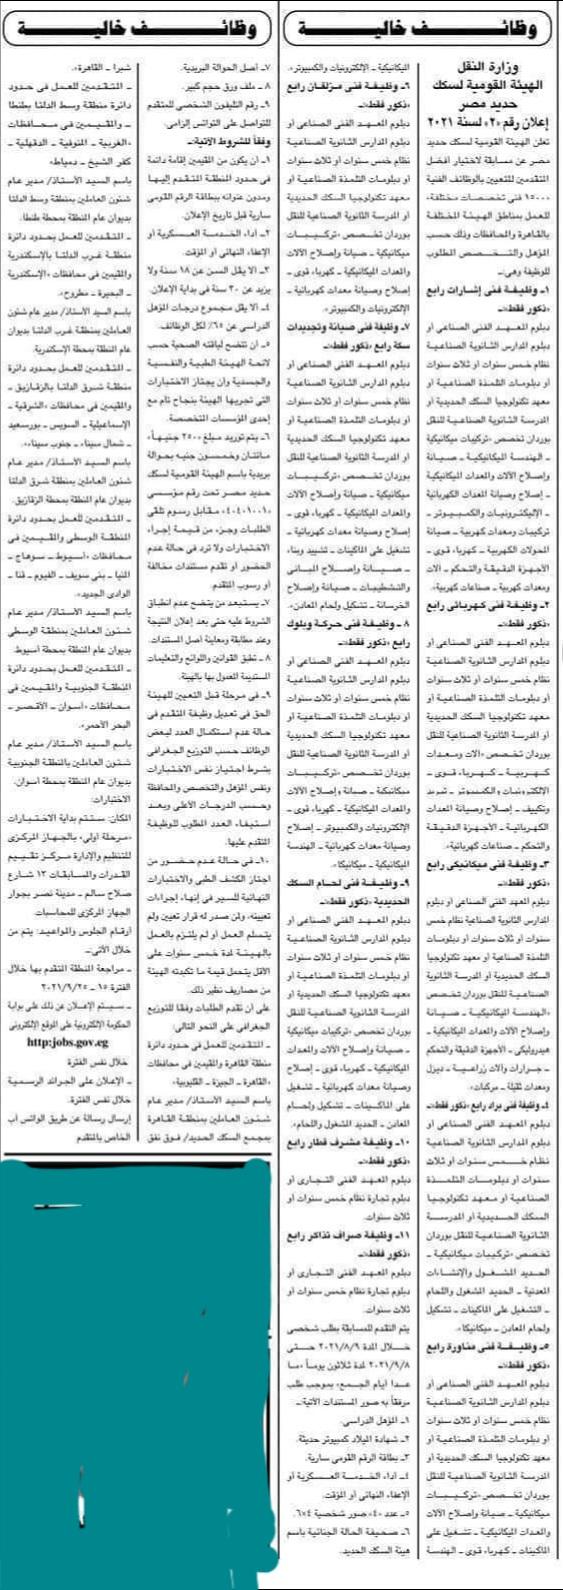 اعلان وظائف الهيئة القومية لسكك حديد مصر - اعلان رقم 2 لسنة 2021 للدبلومات والمعاهد